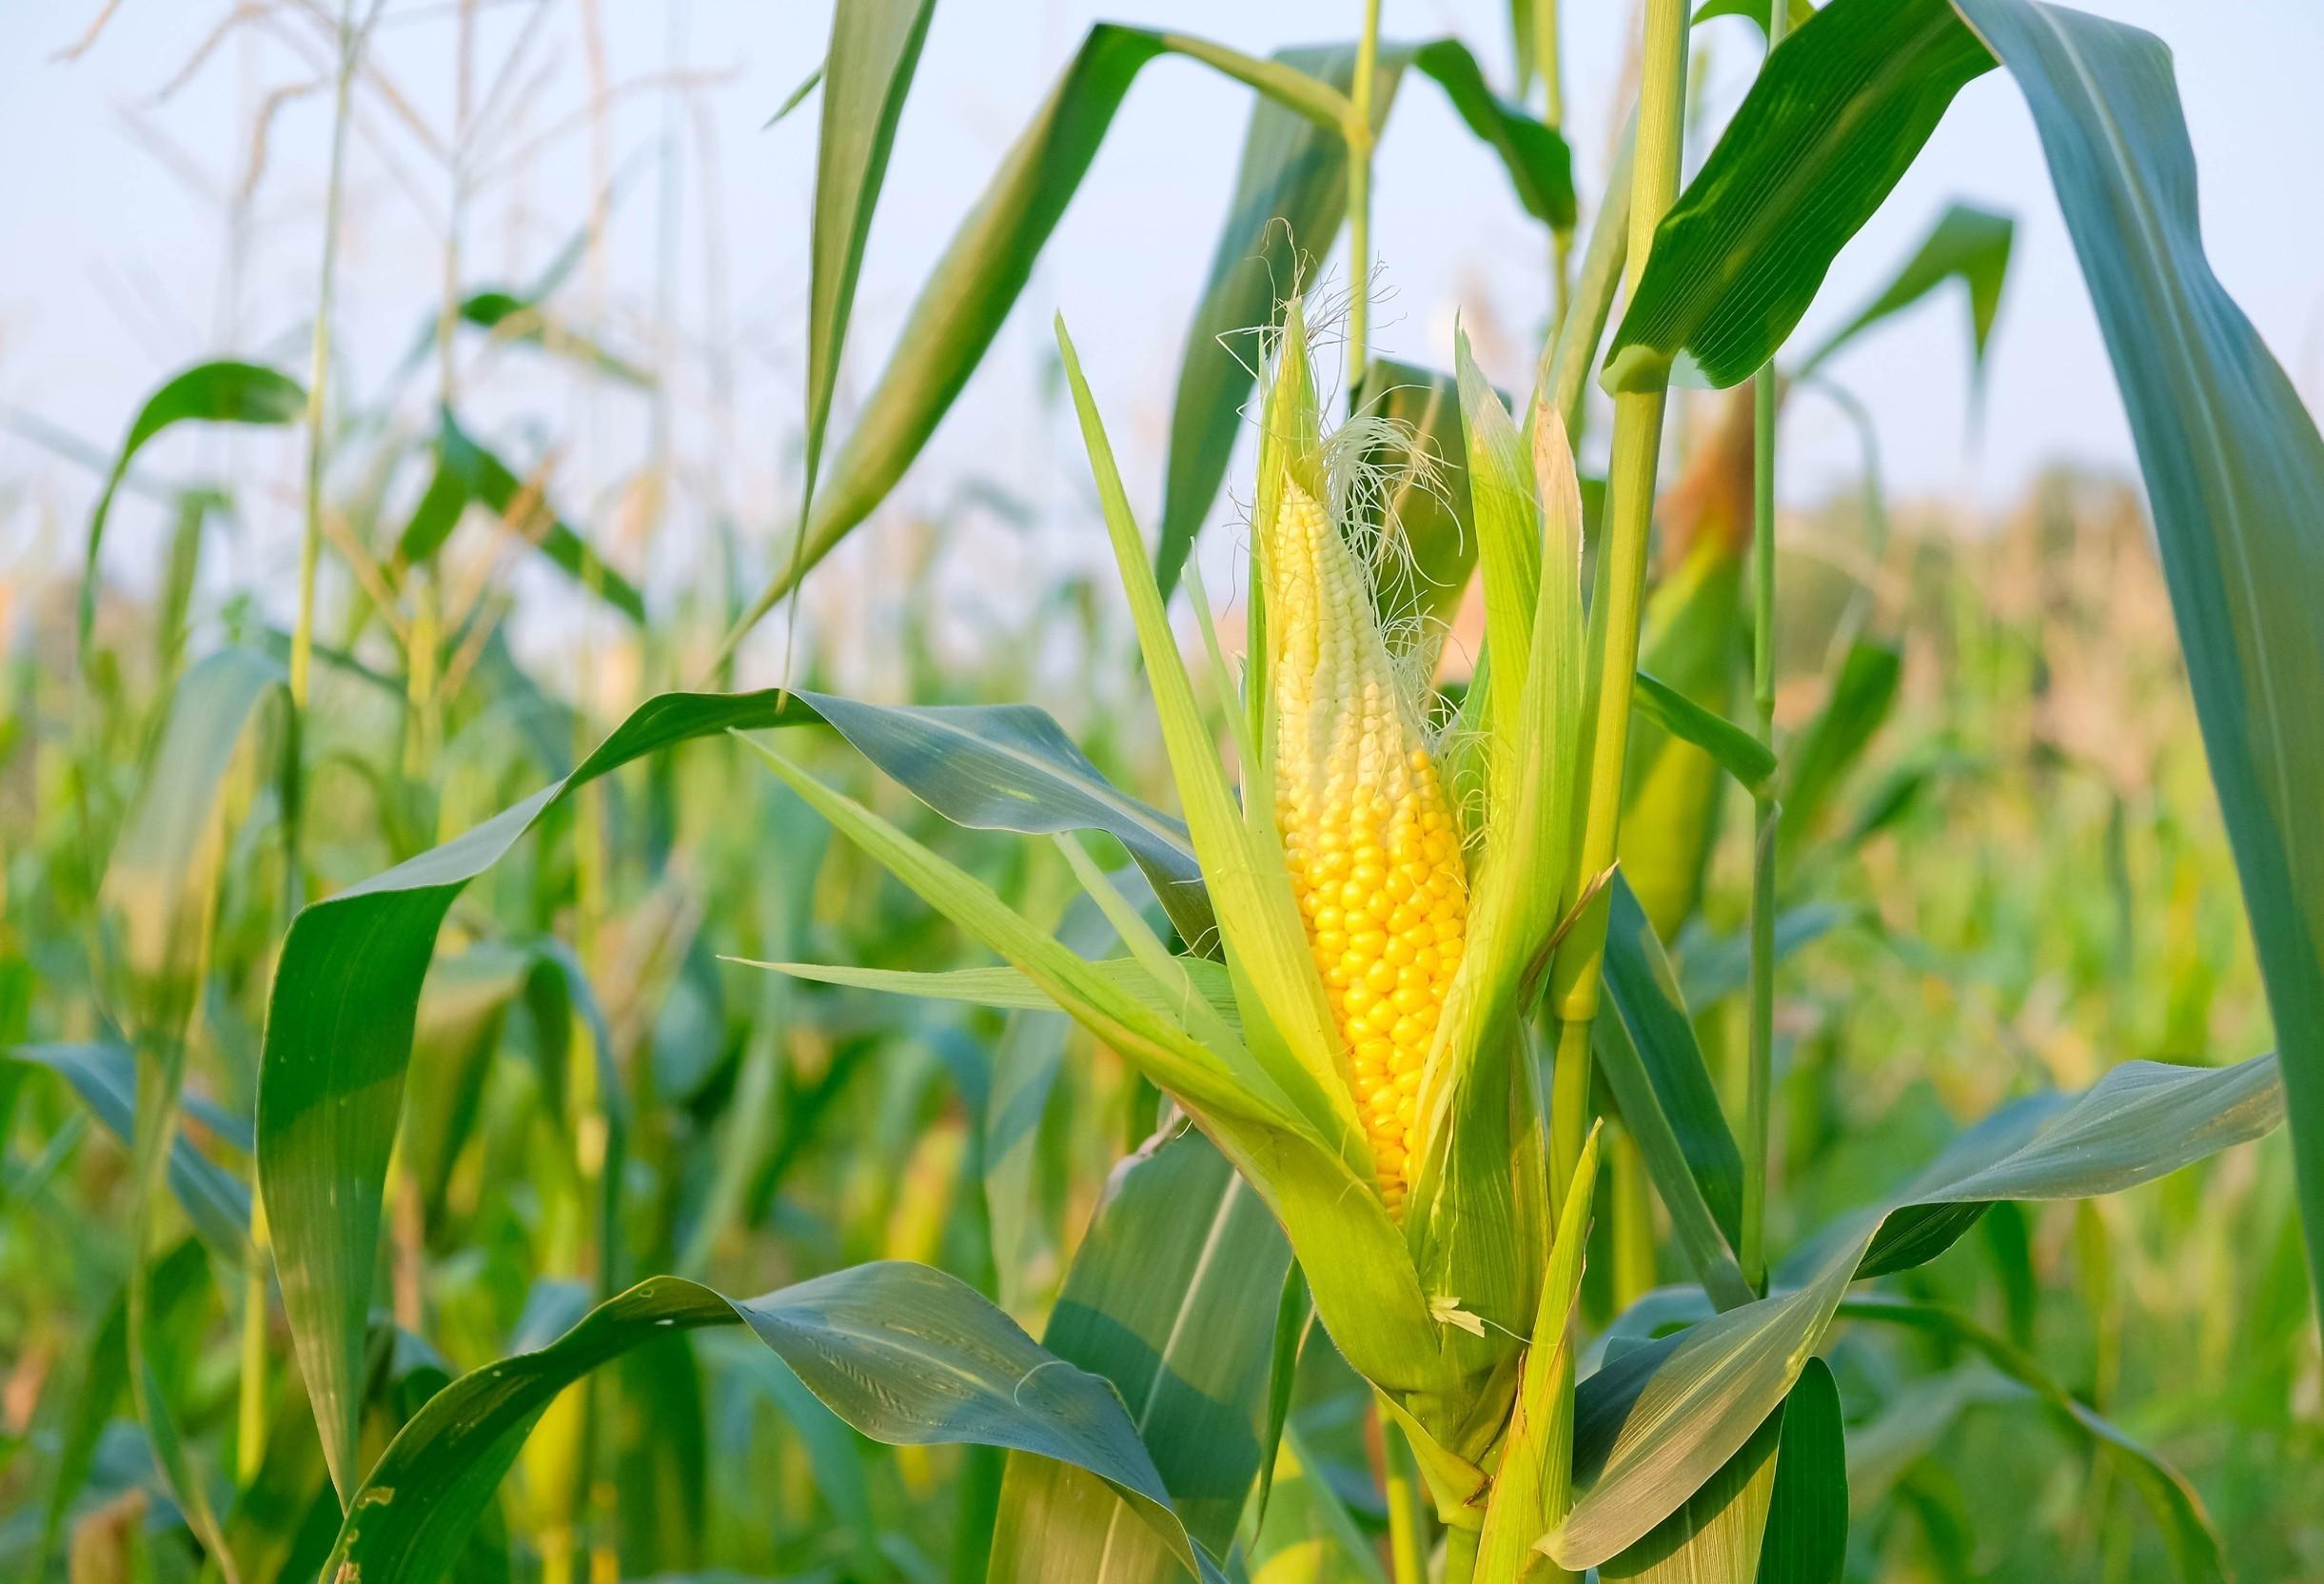 Exportação de milho atinge máxima histórica de 6,3 milhões de toneladas